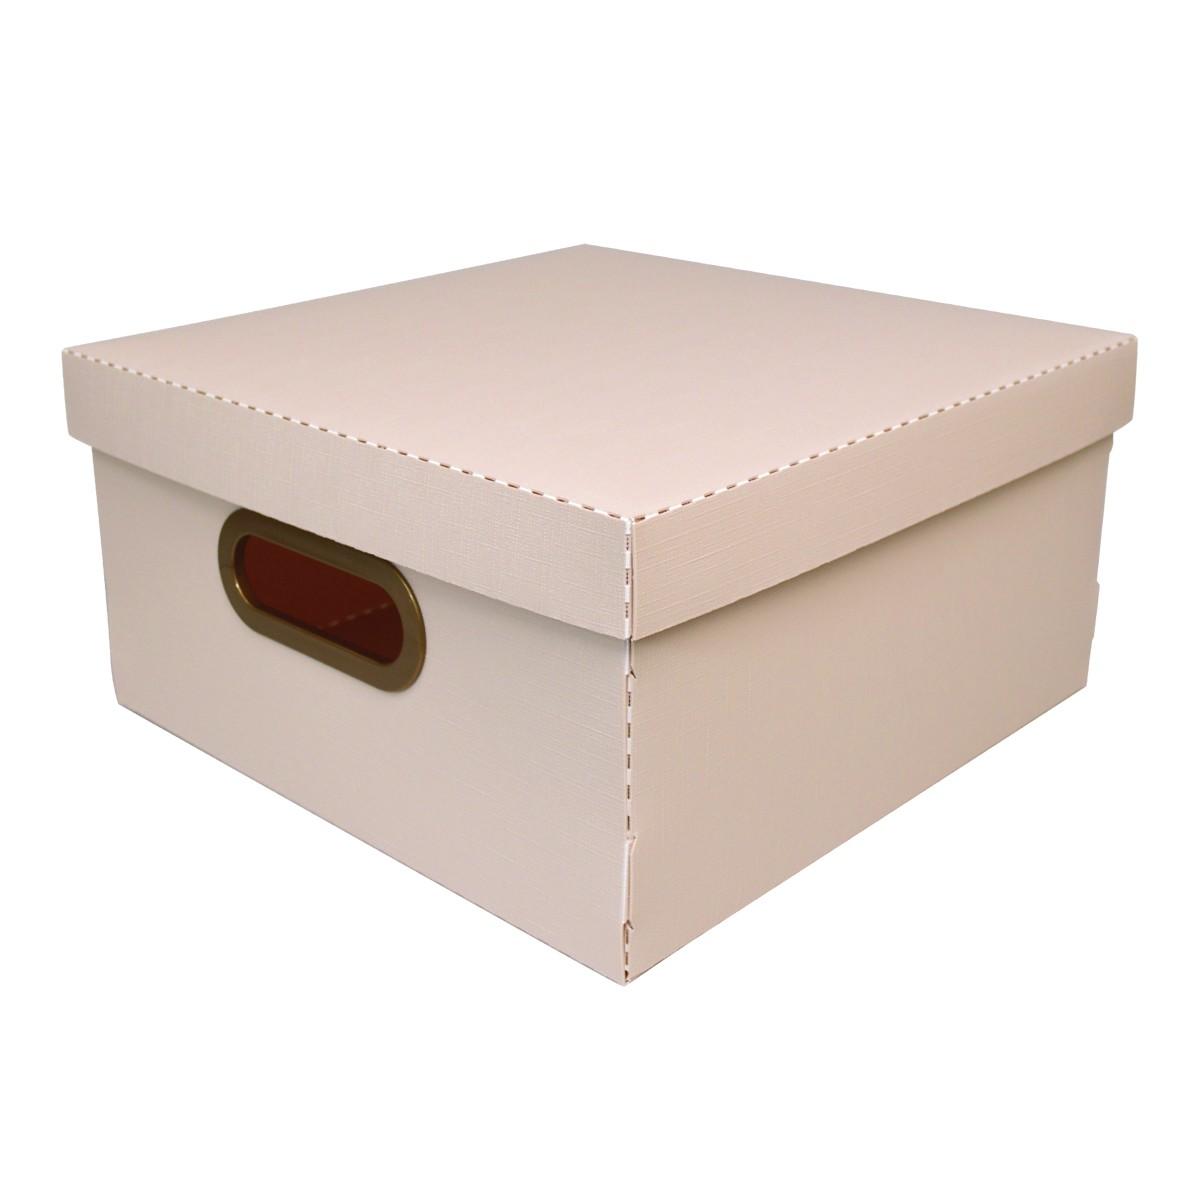 Caixa Organizadora 29x29cm Rosa 2205 - Protea